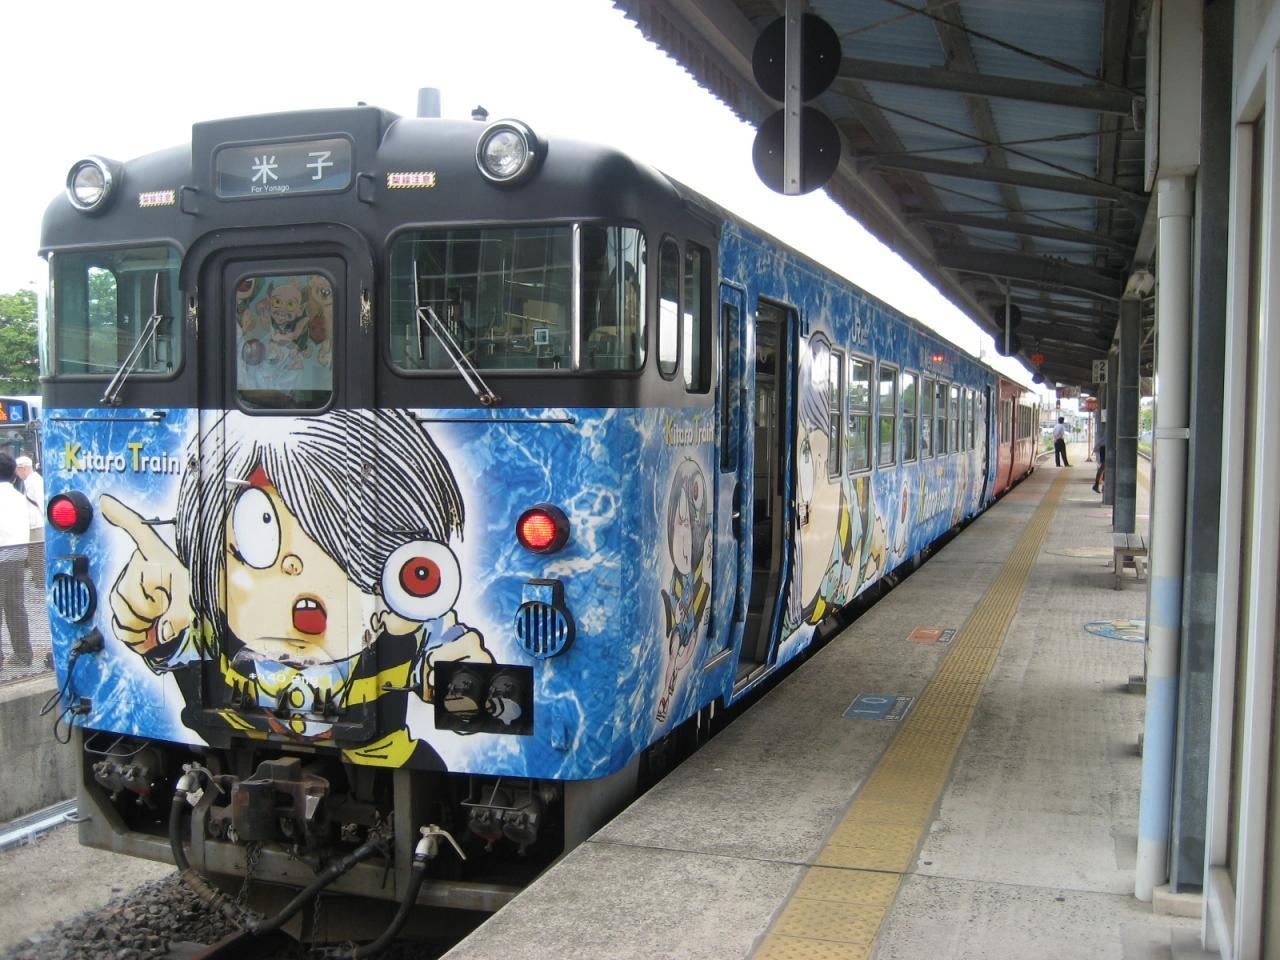 鬼 太 郎 電 車 , 載 著 大 家 到 達 妖 怪 村